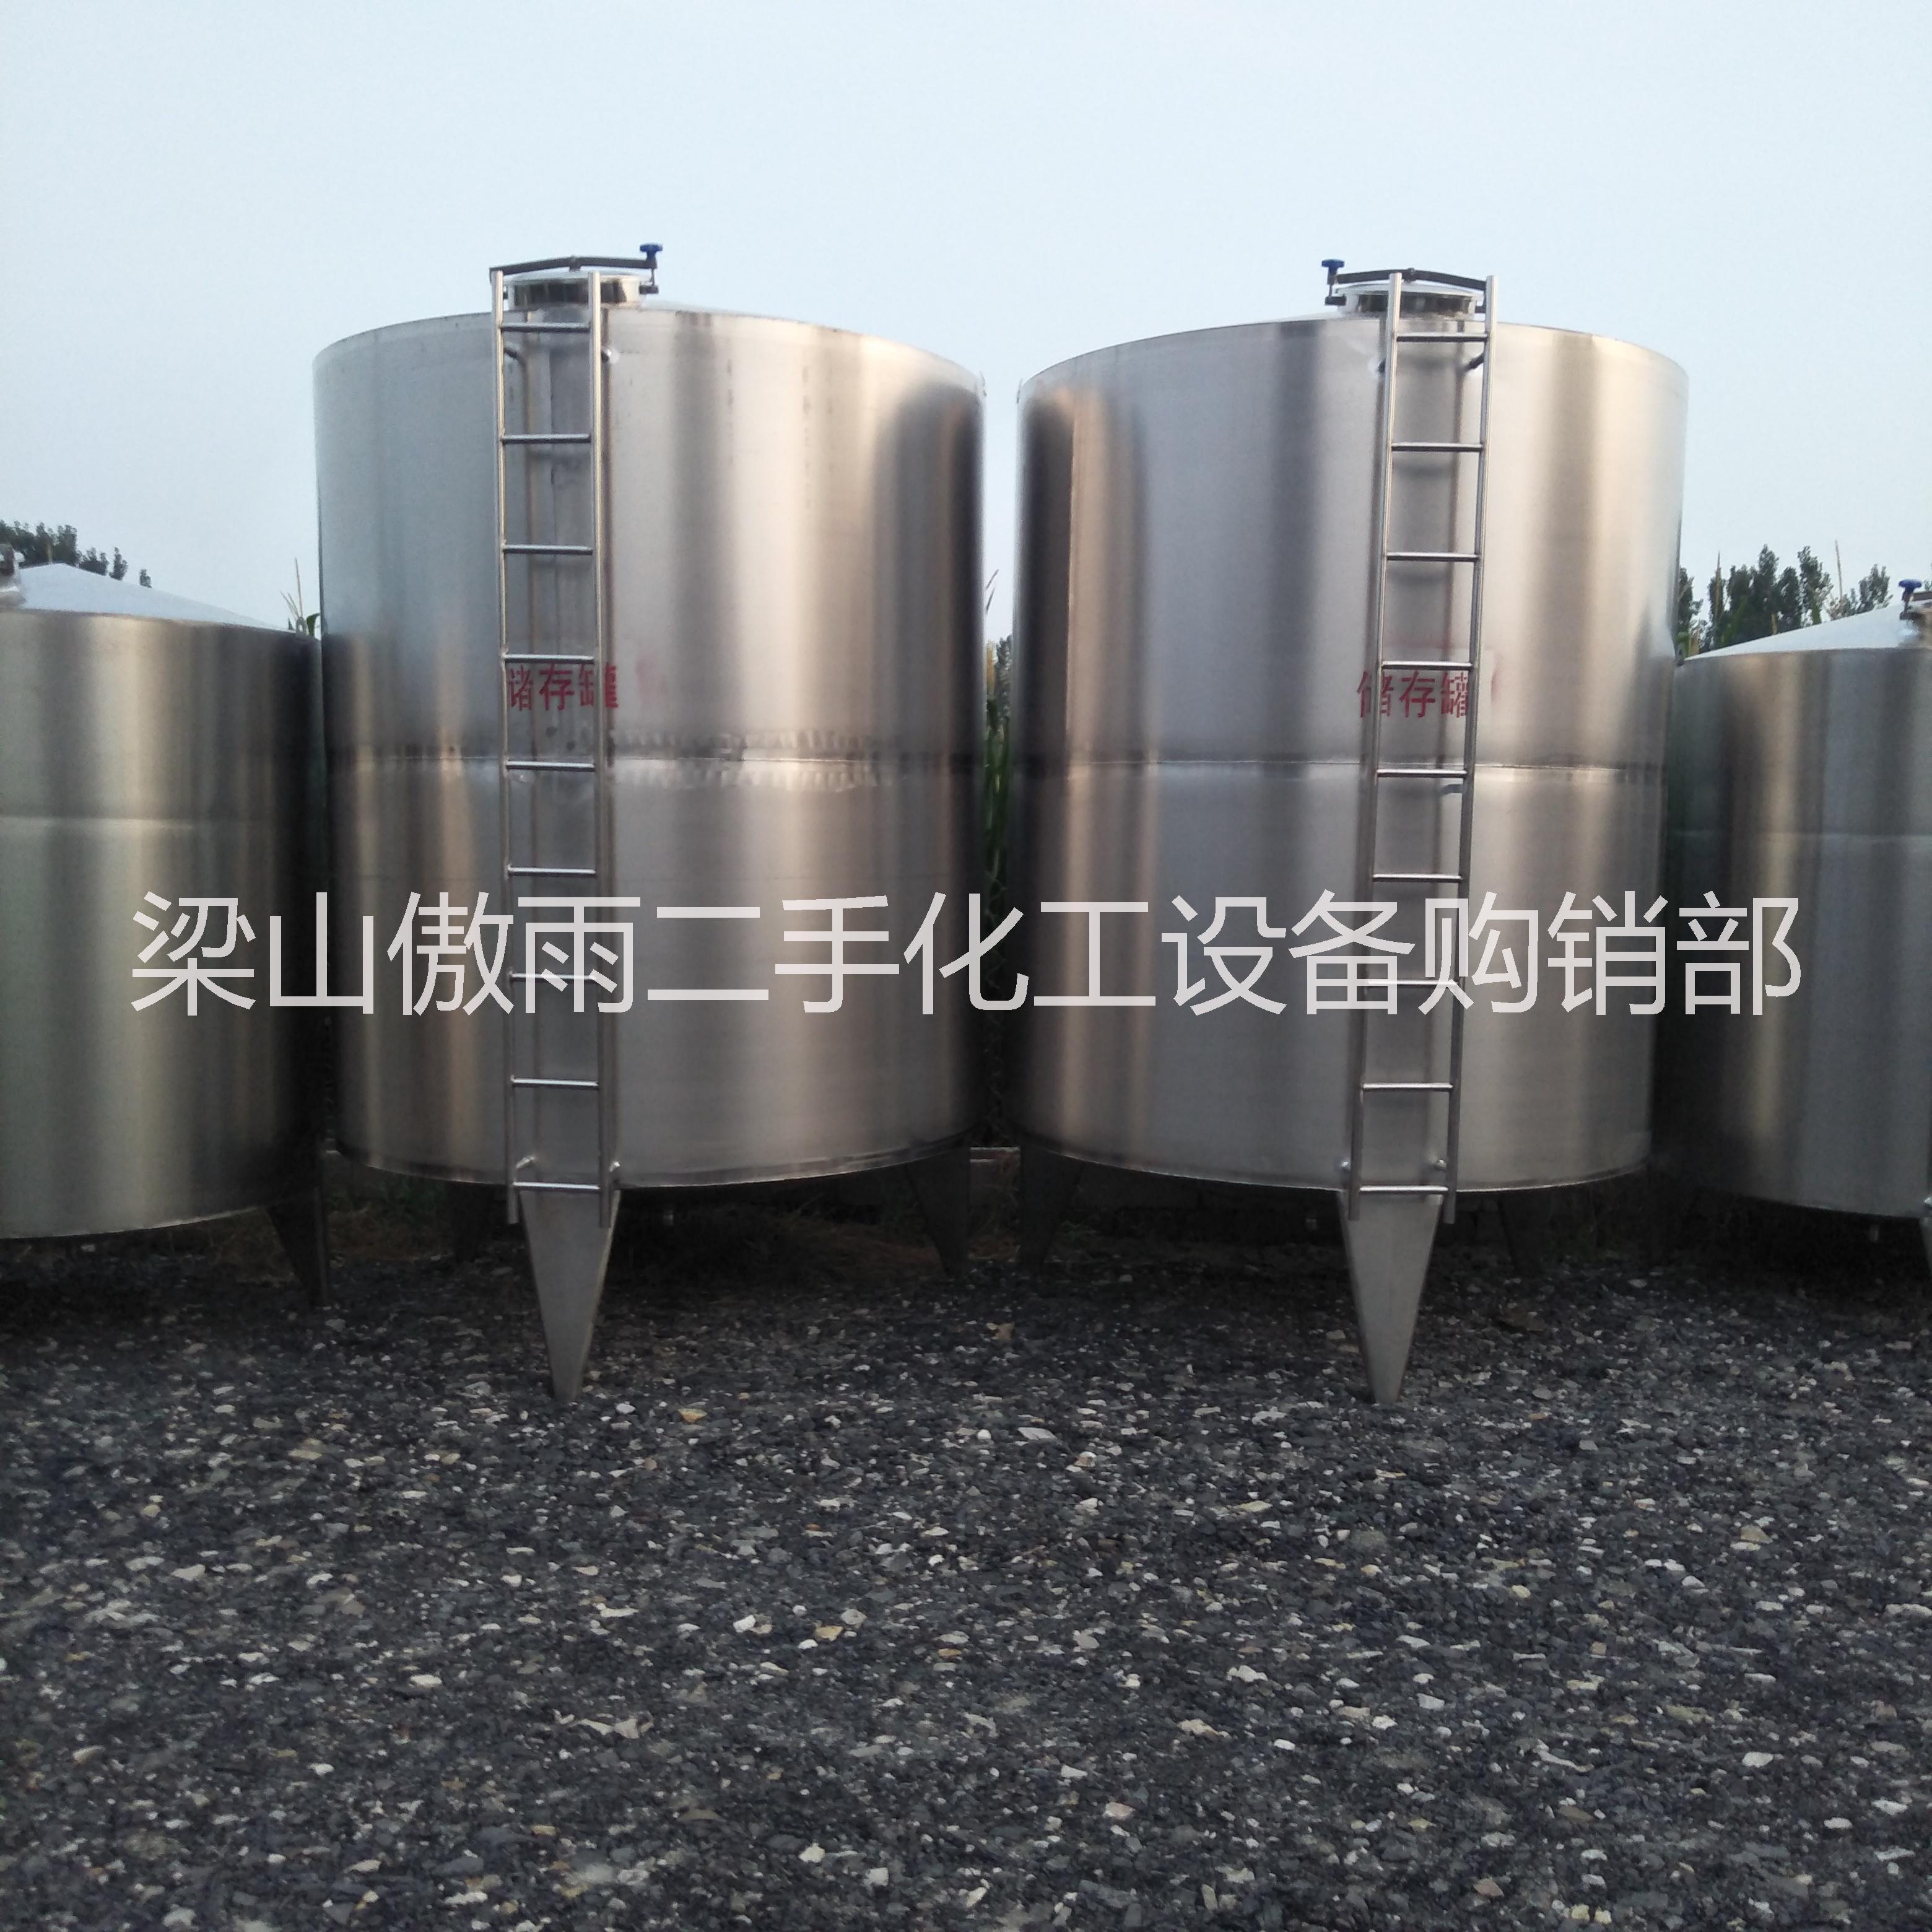 30立方不锈钢储罐  20立方不锈钢304储罐 不锈钢储酒罐储水罐 30立方储罐